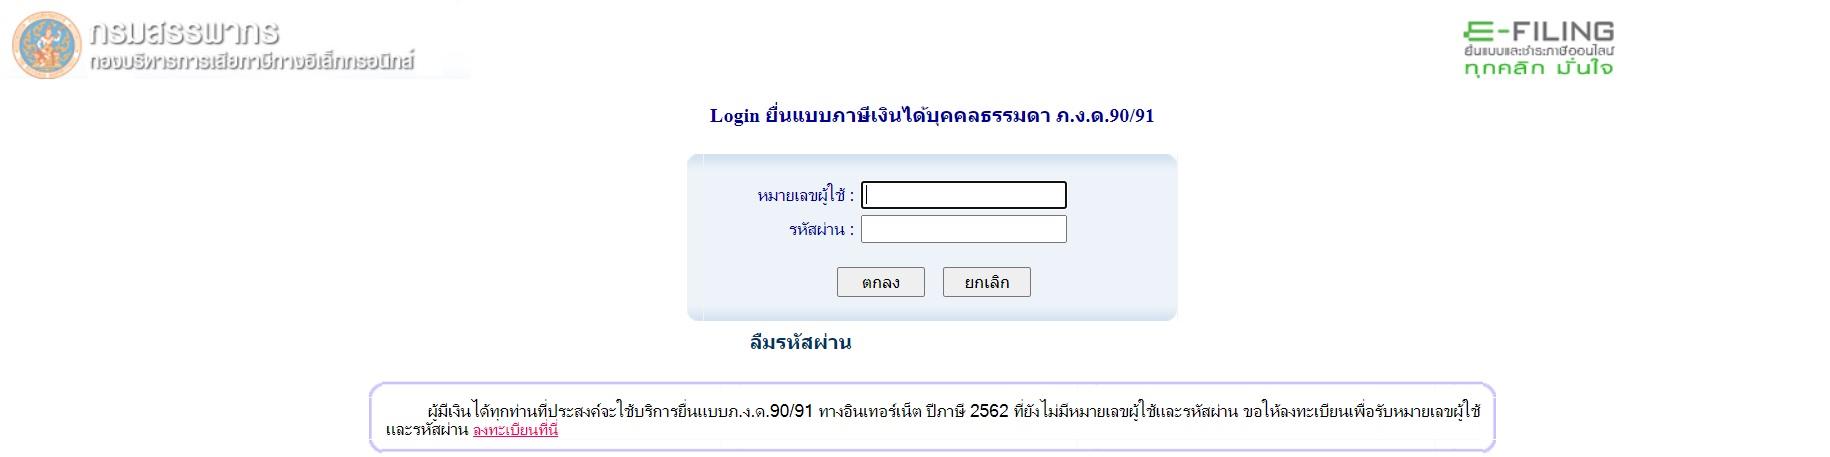 สิ้นสุดการยื่นแบบภาษี 31 สิงหาคม 2563 นี้